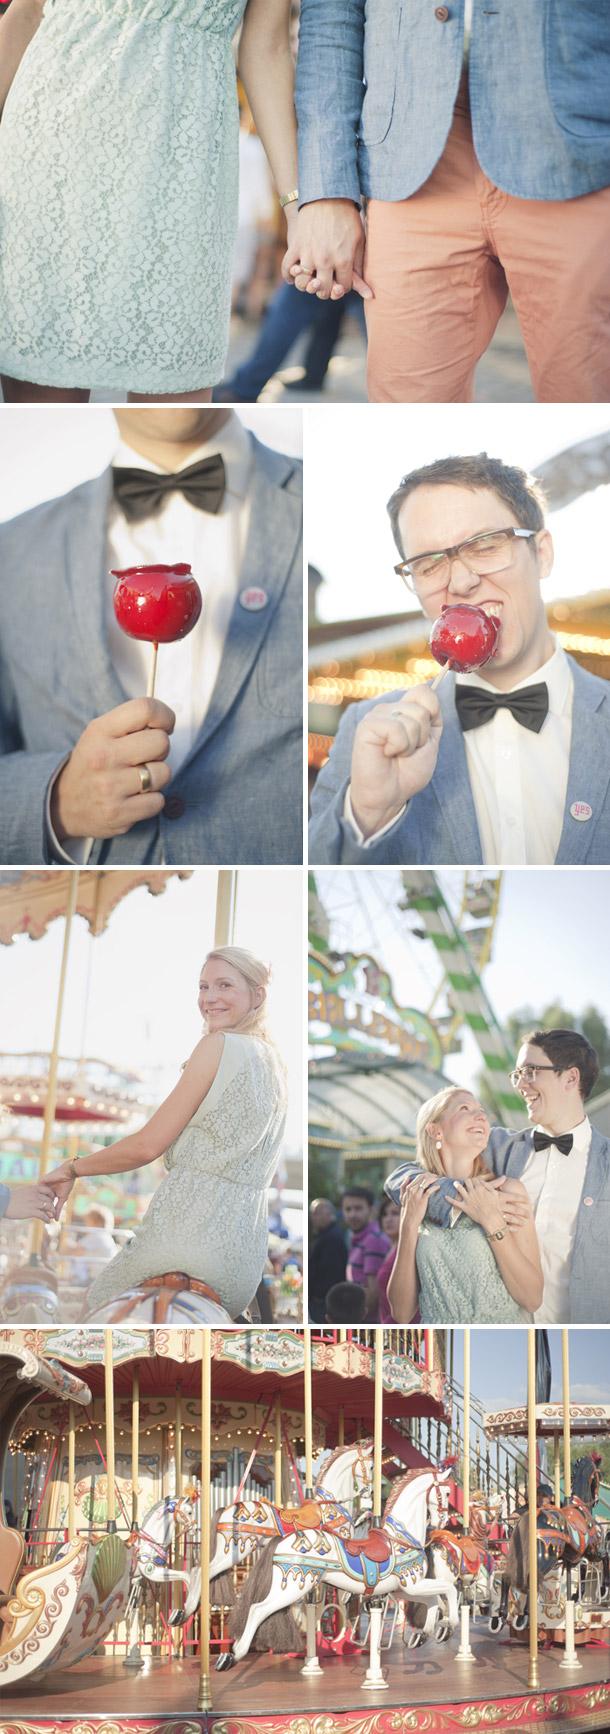 Verlobung auf der Rhein-Kirmes von Britta Schunck